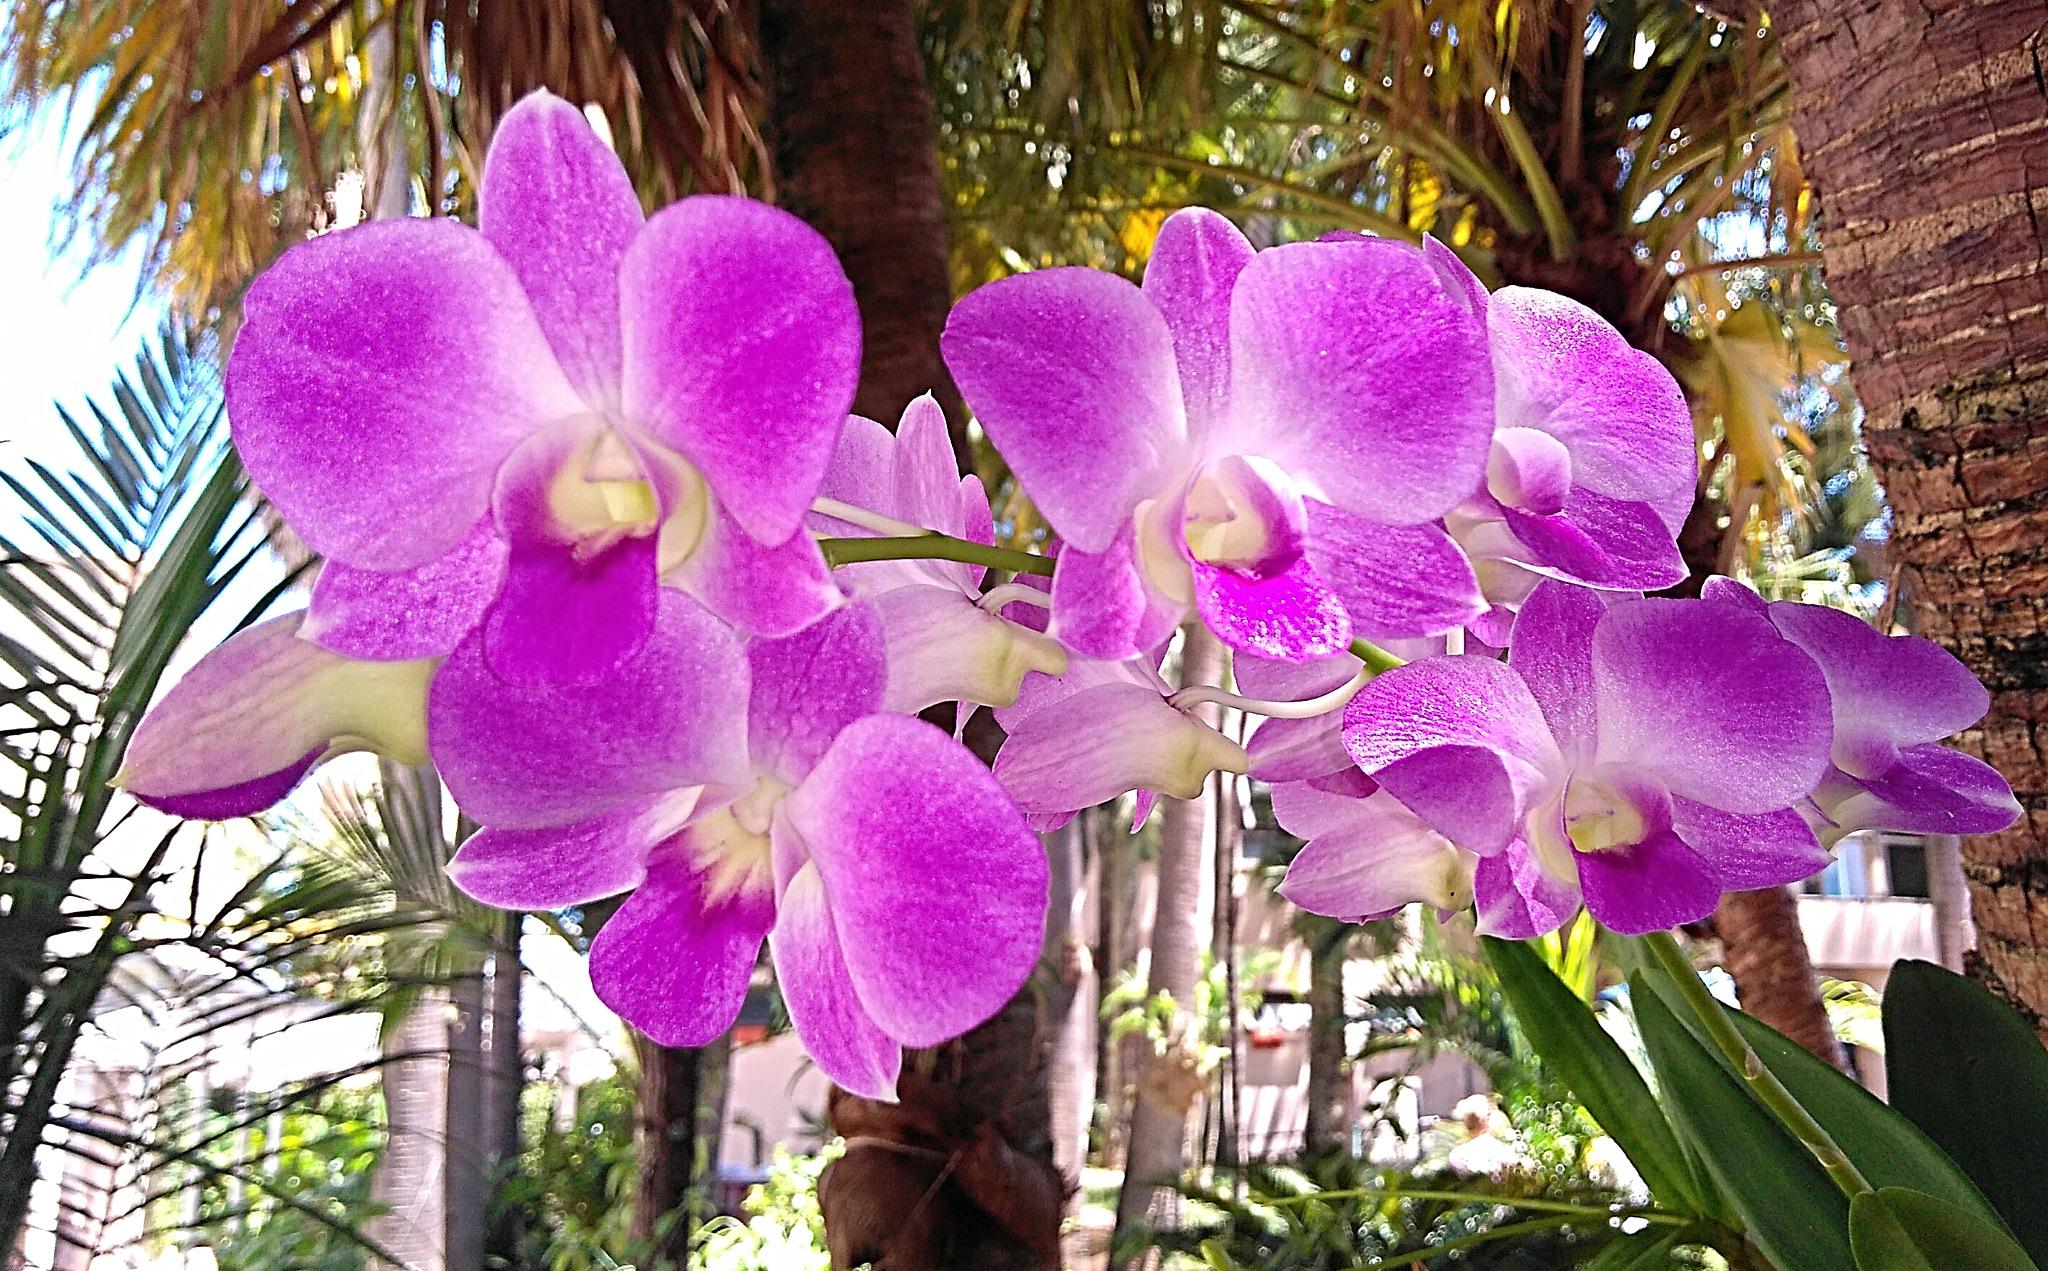 Orquídeas Denphal by Sirlei